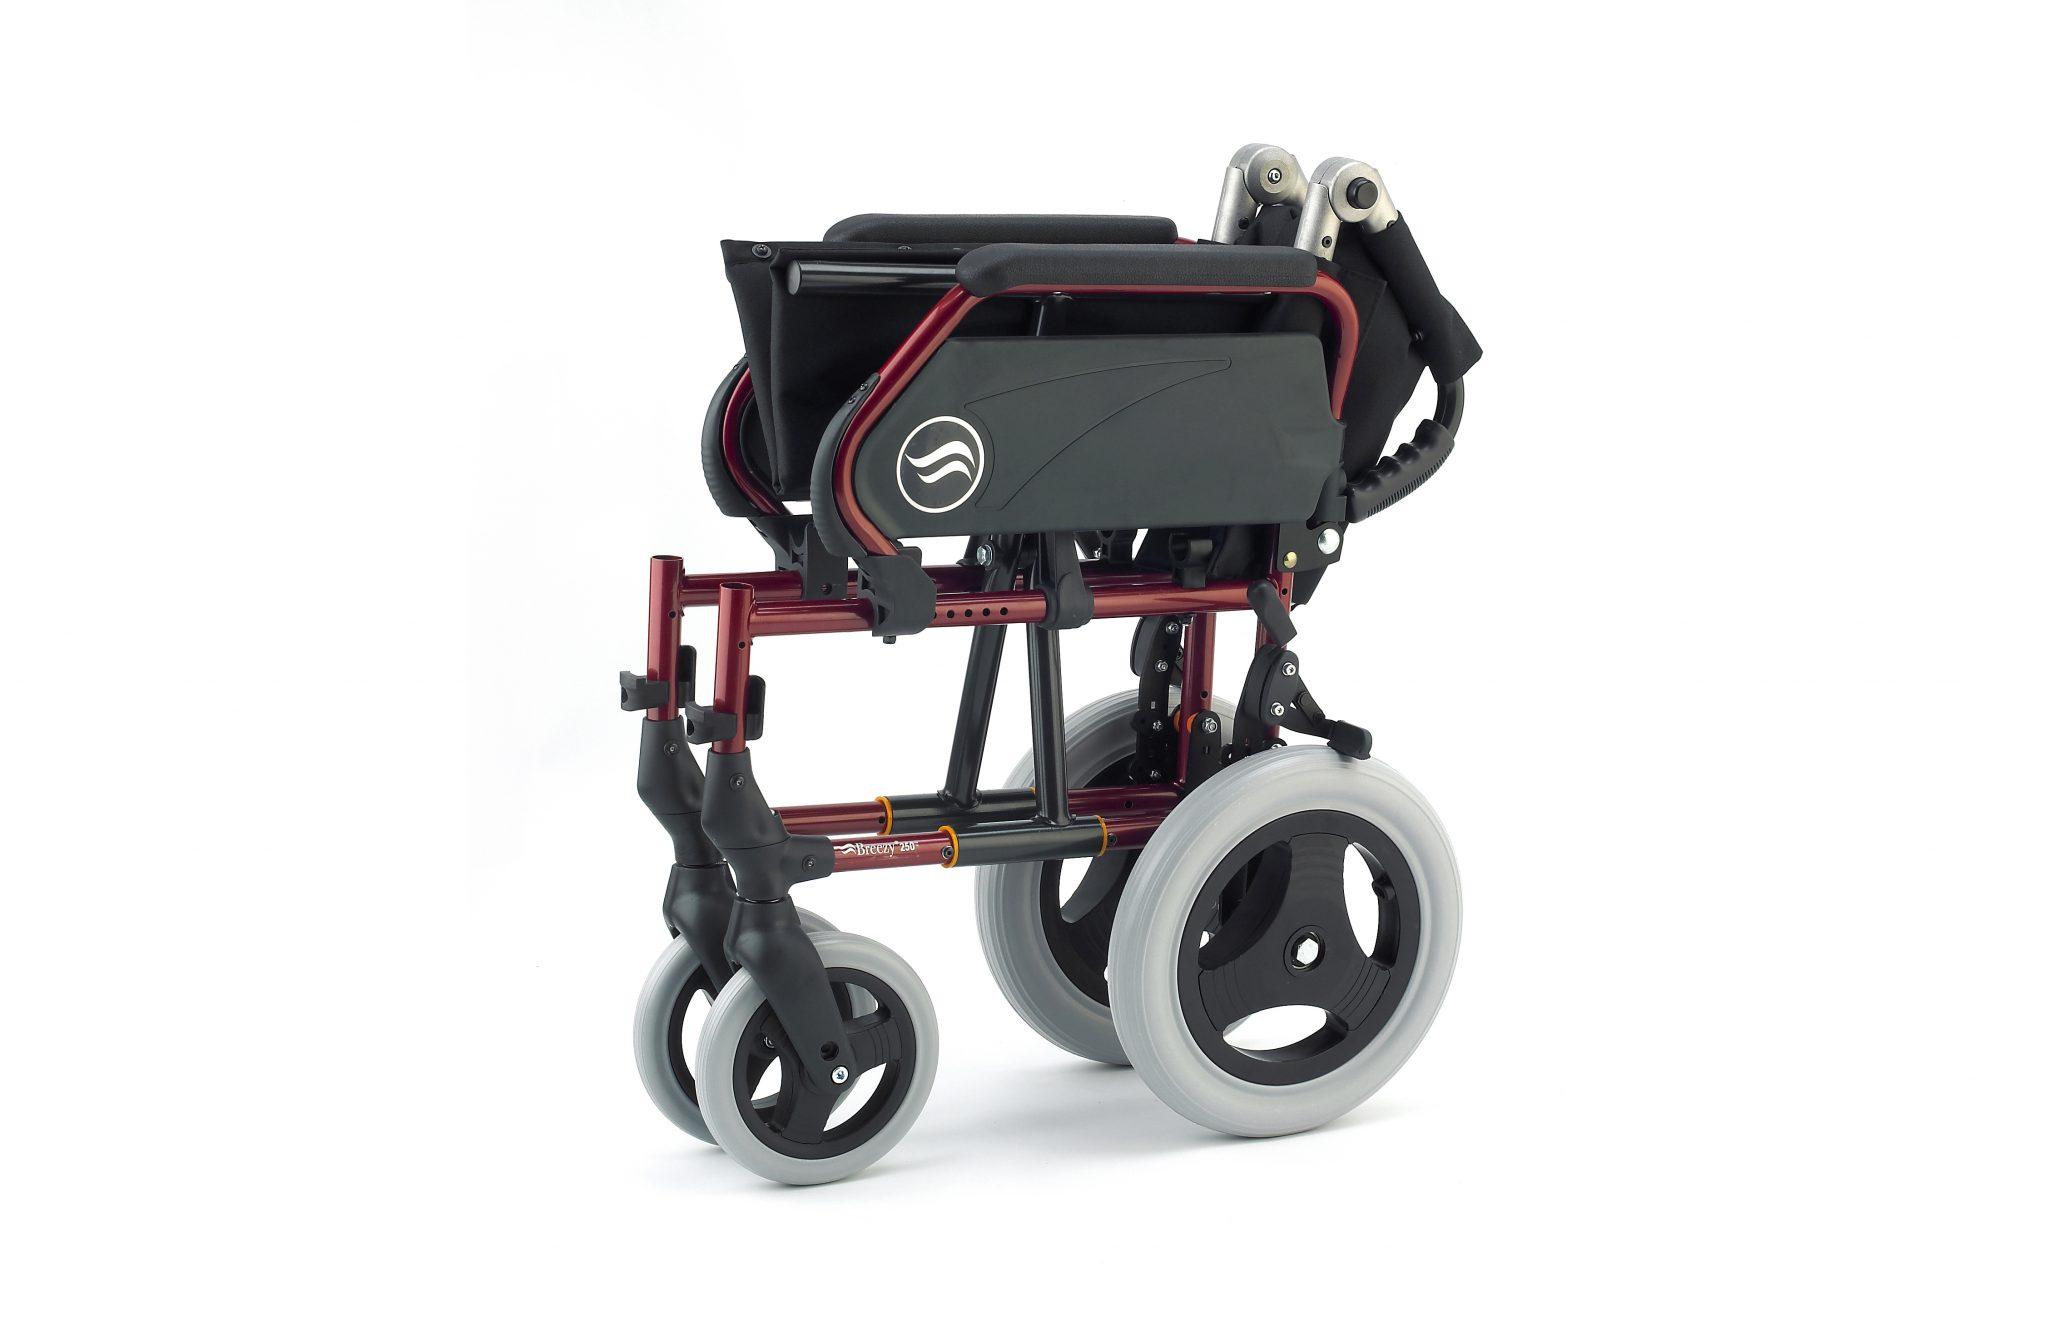 Cadeira de rodas manual, preta com estrutura vermelha, com roda pequena, encartada, com vista lateral.